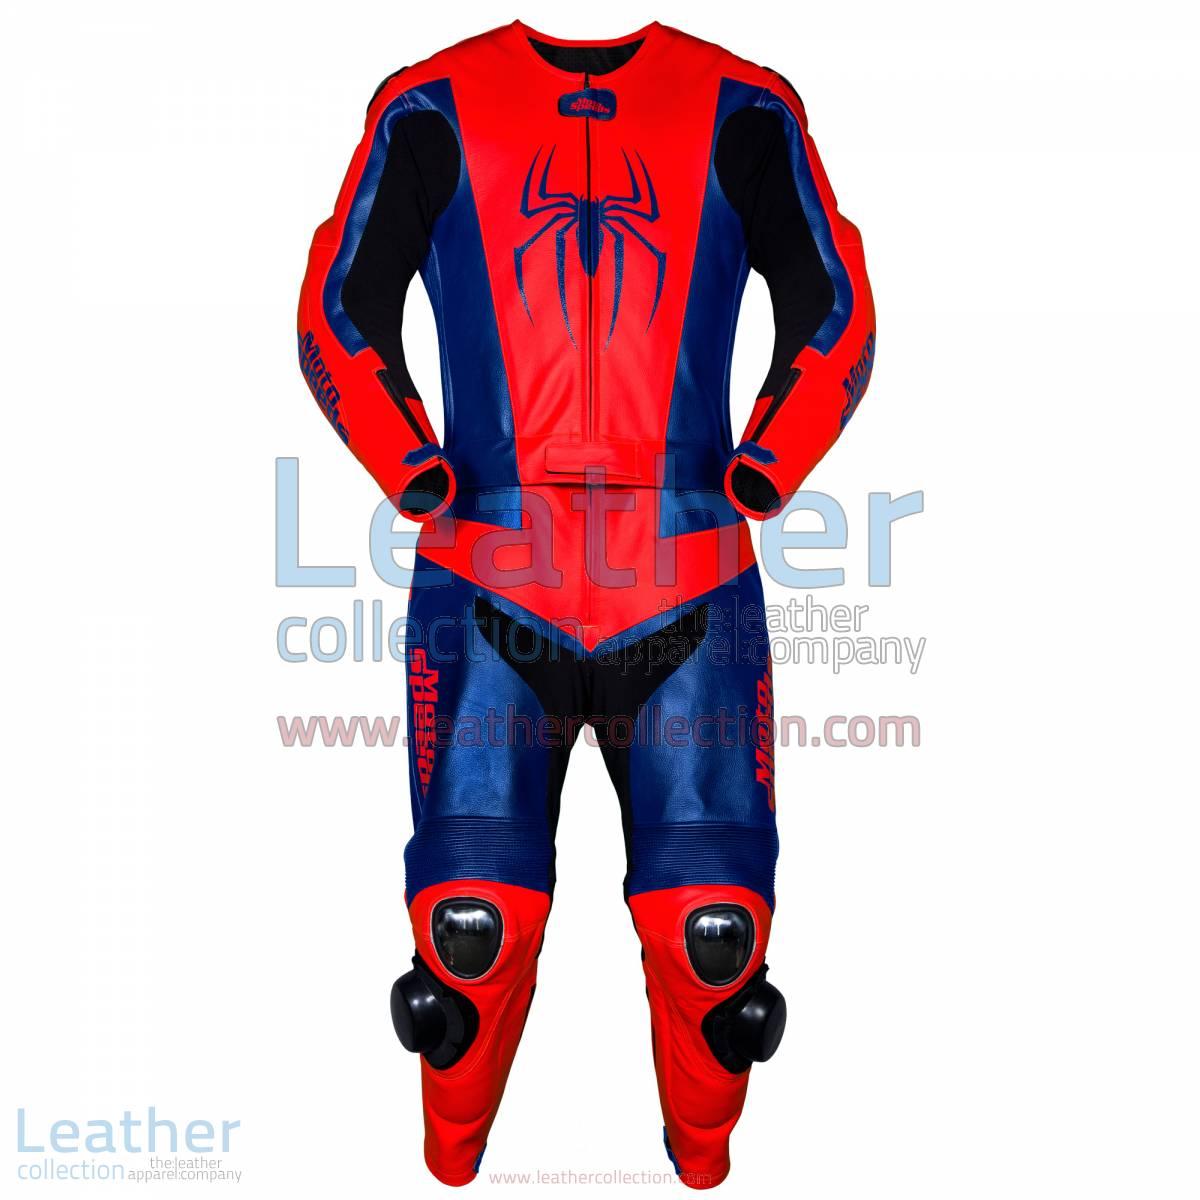 Spiderman Leather Race Suit | leather race suit